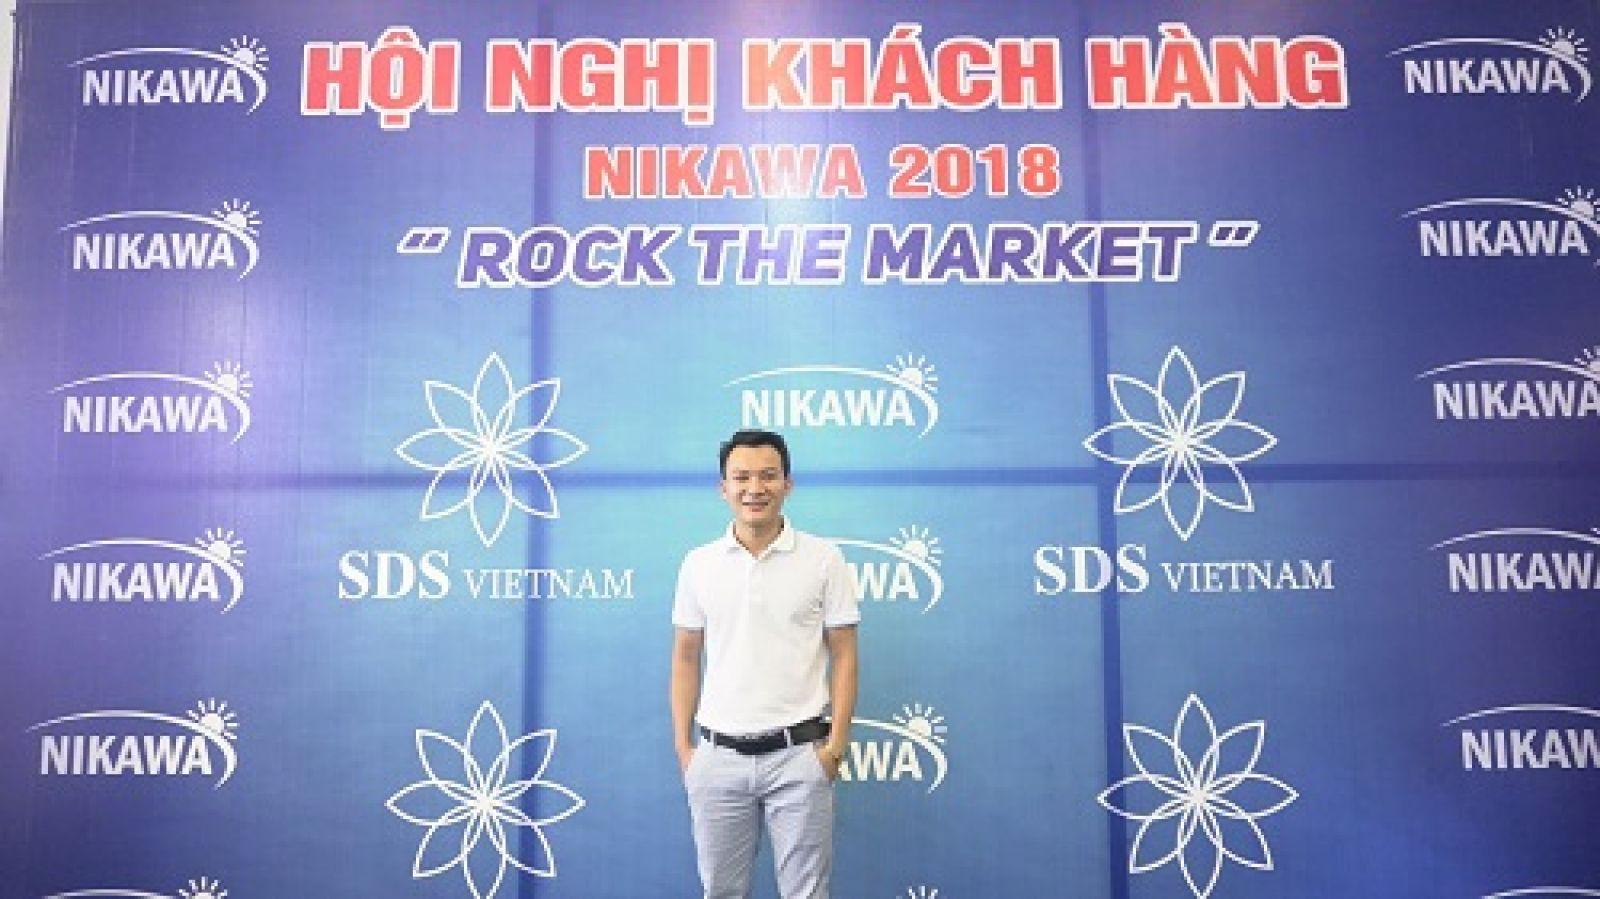 Đồng sáng lập Nguyễn Trường Phi tại Hội nghị khách hàng Nikawa Việt Nam 2018